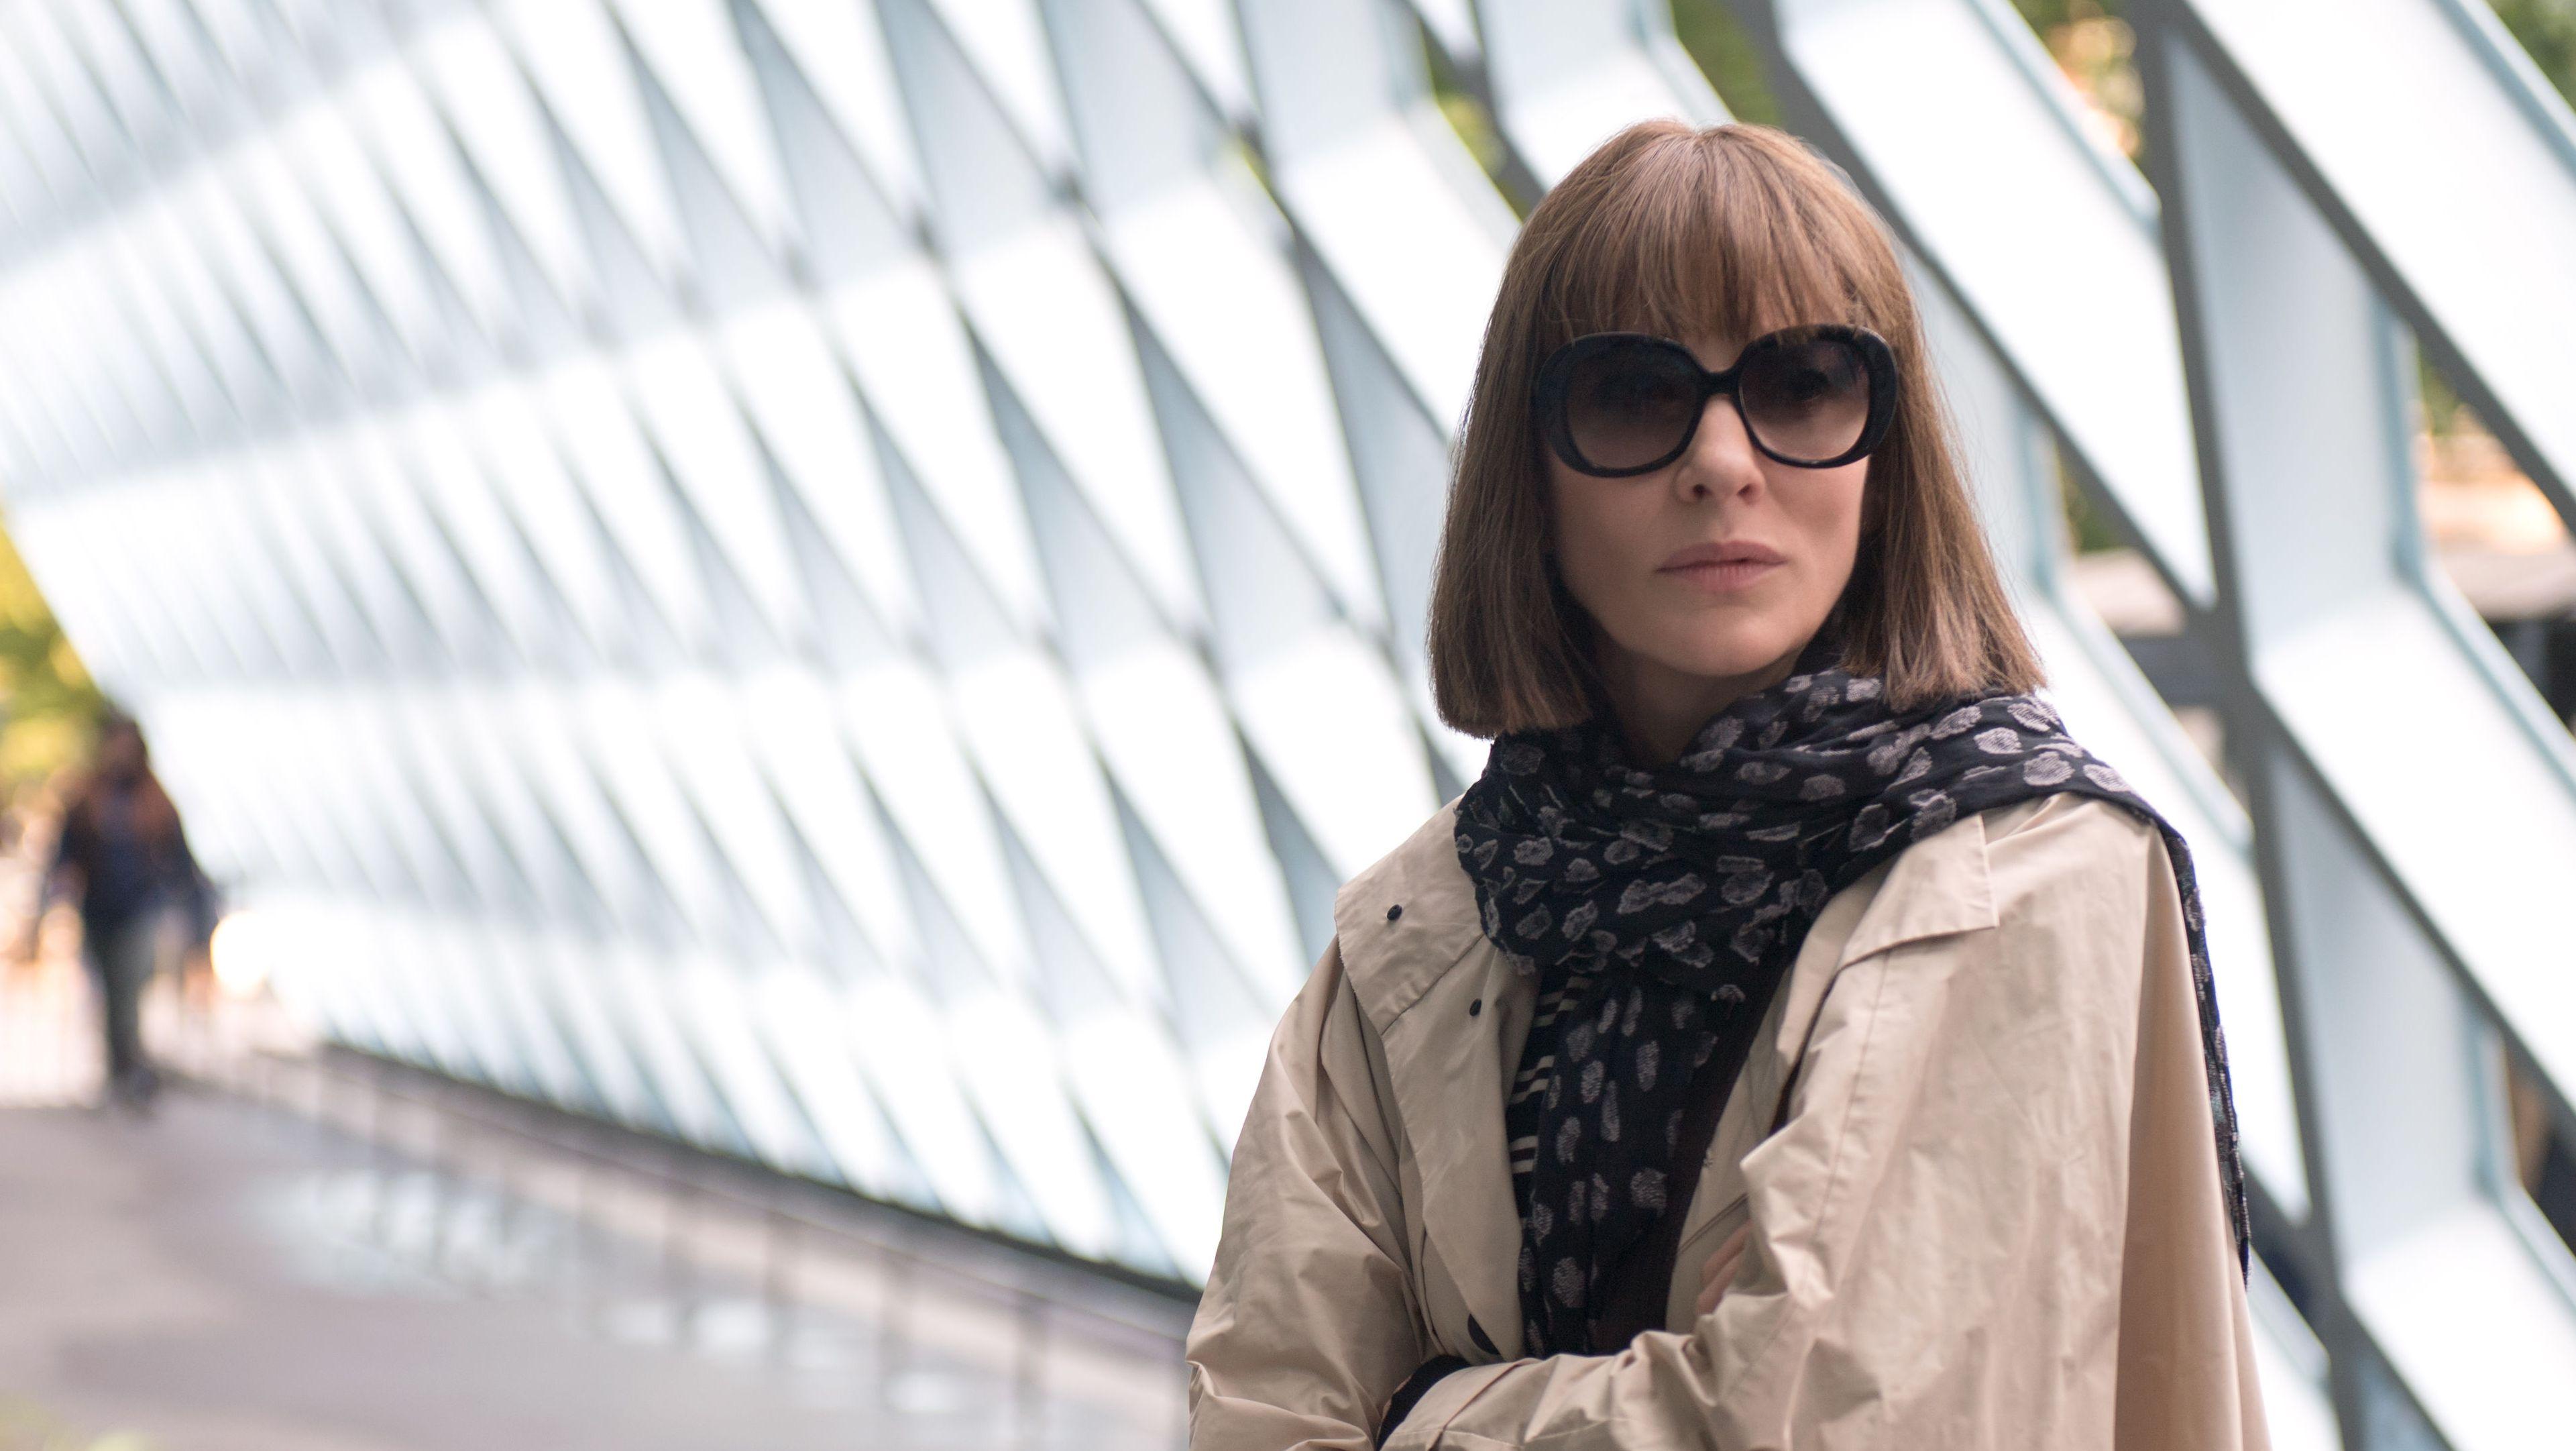 """Szene aus """"Bernadette"""": Cate Blanchett steht mit verschränkten Armen im Rem-Koolhaas-Bau der Stadtbibliothek von Seattle"""